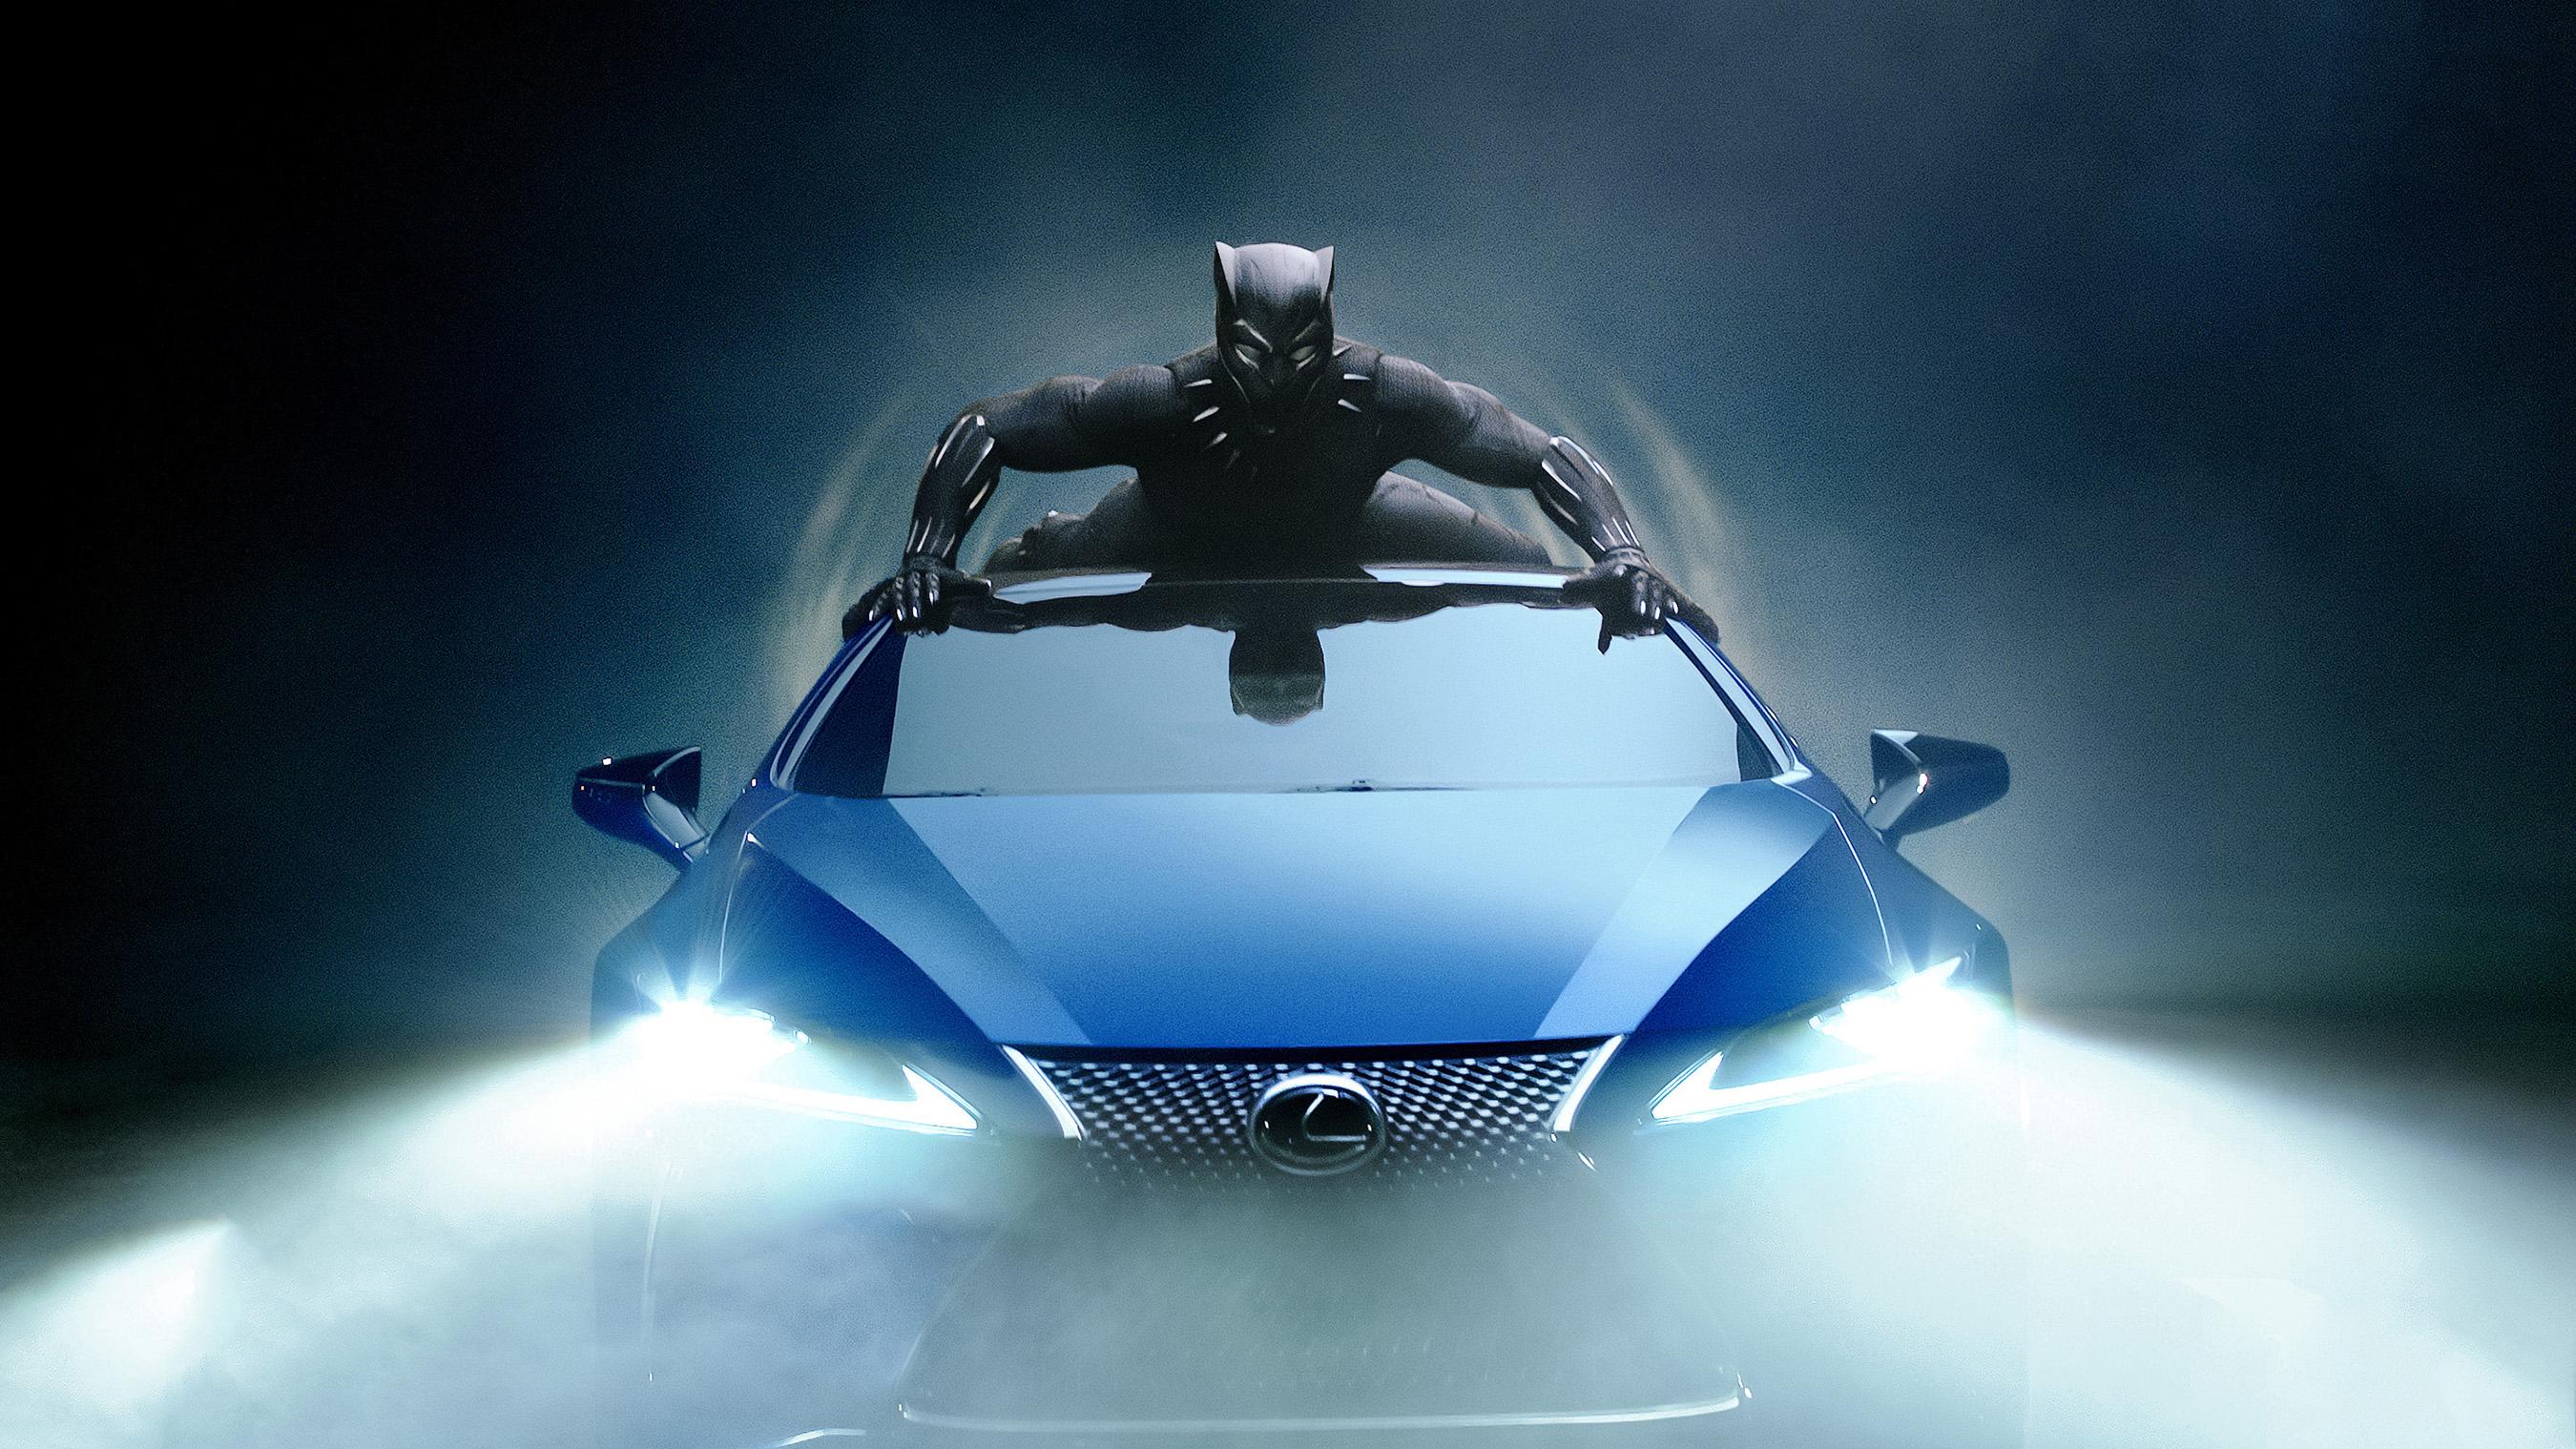 Lexus lc 500 черная пантера обои скачать